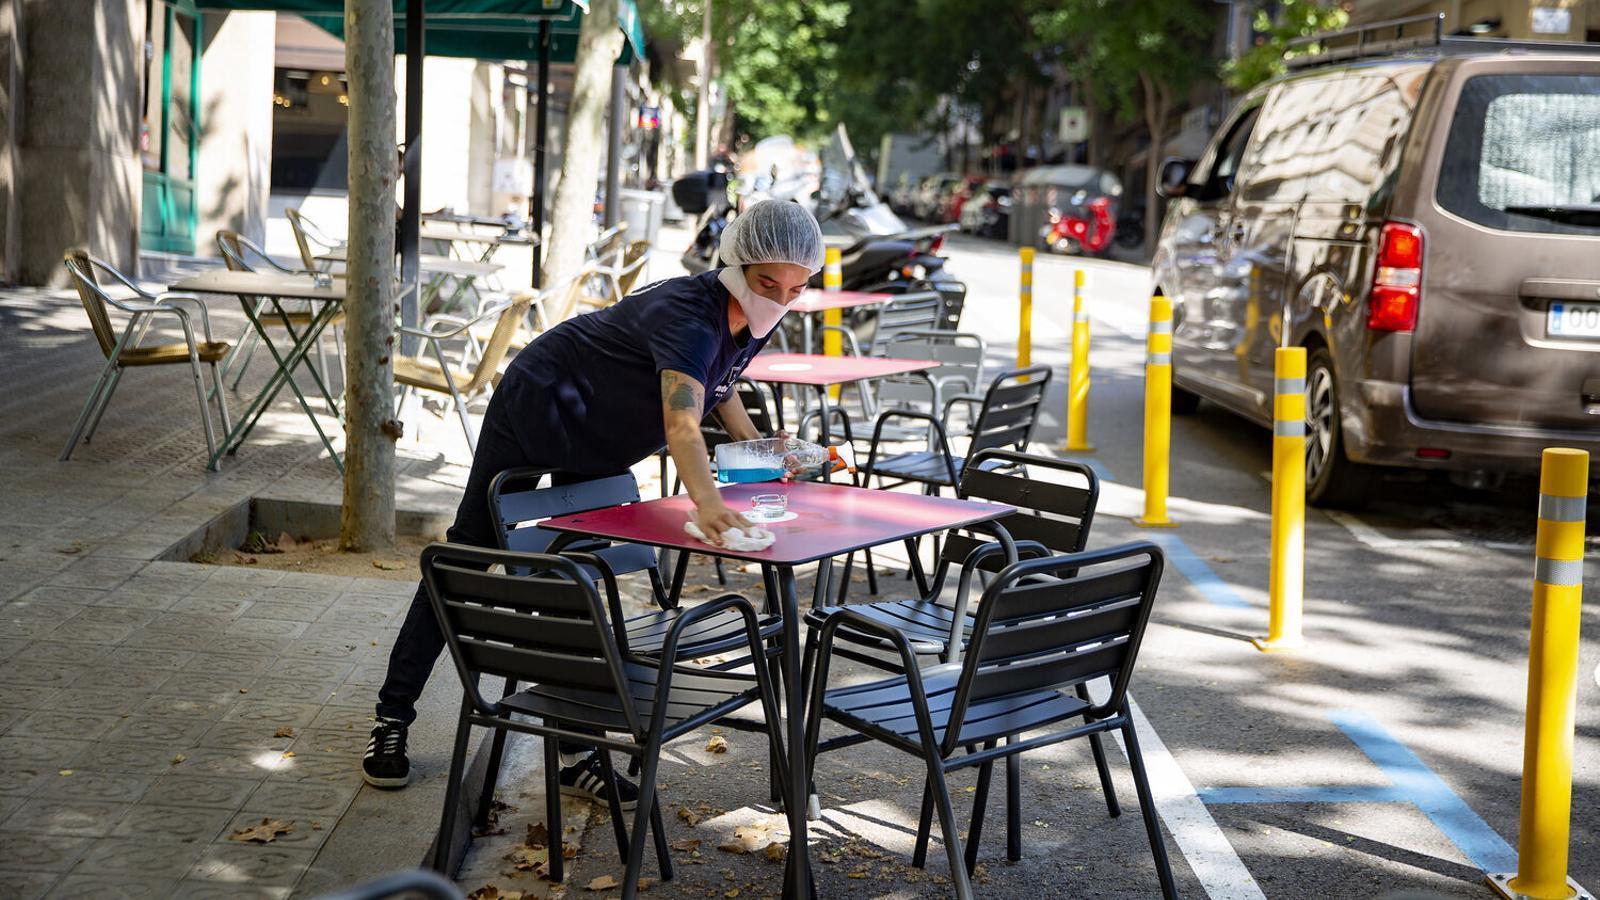 Una cambrera recollint la taula de la terrassa d'un bar de Barcelona durant la pandèmia del covid-19. / FRANCESC MELCION